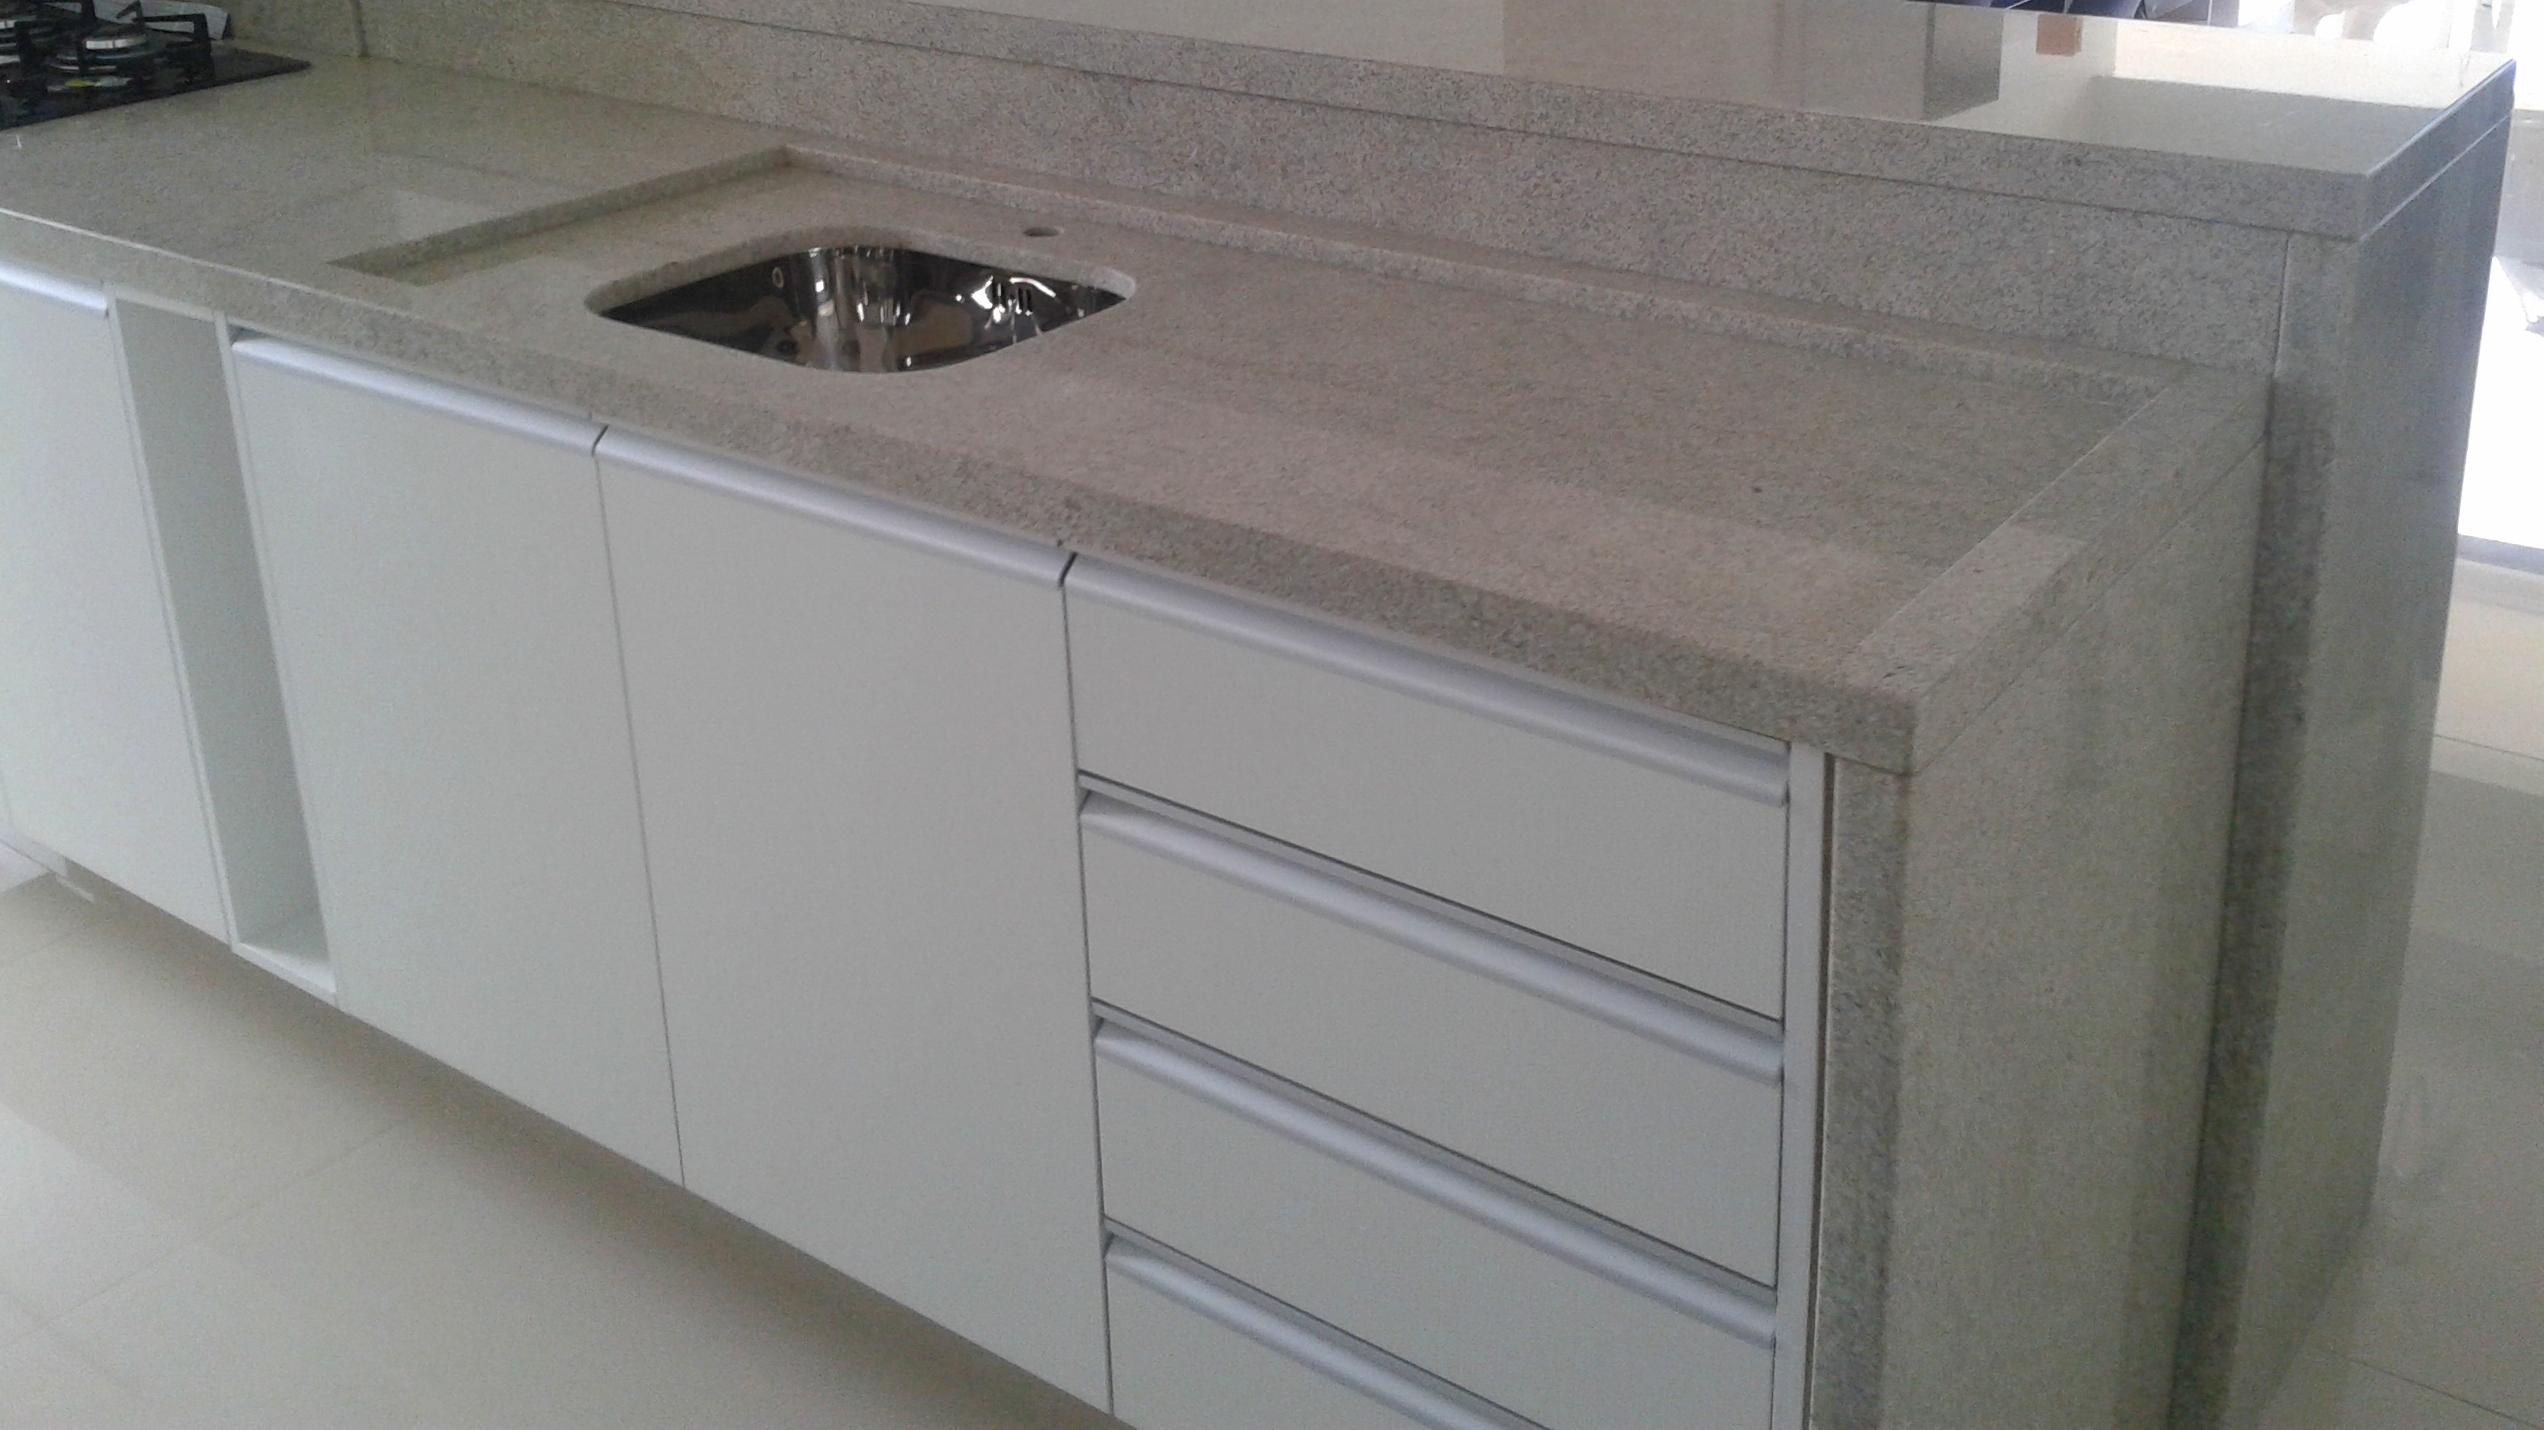 Banheiro Granito Branco Itaunas Pictures to pin on Pinterest #59534B 2544x1430 Banheiro Branco Siena